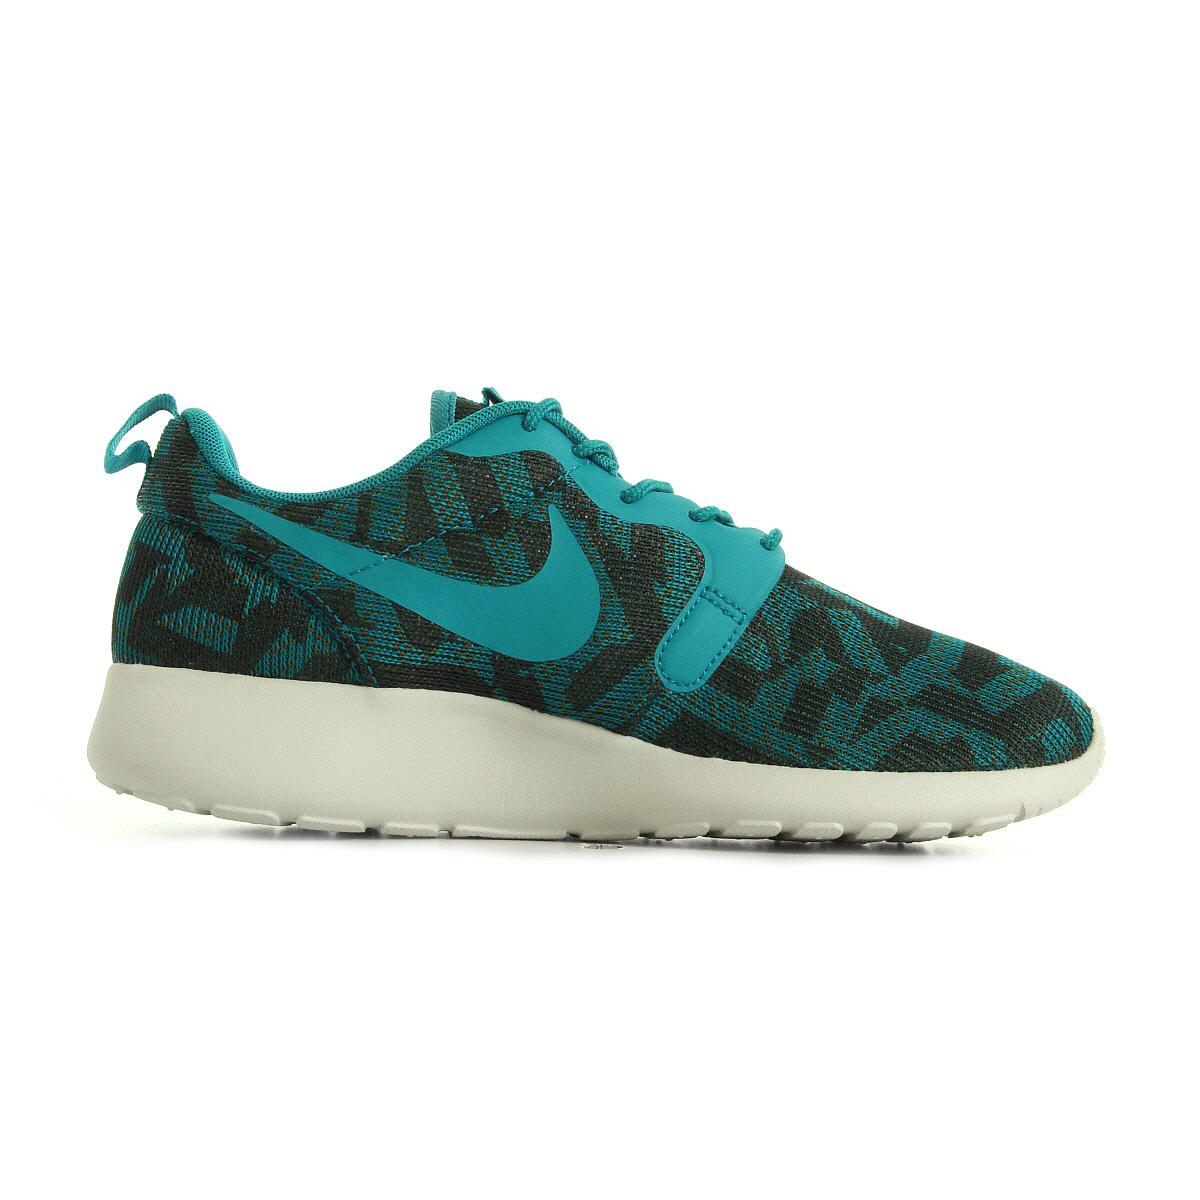 Chaussures Baskets Nike femme Wmns RosheOne Kjcrd taille Vert Verte Textile